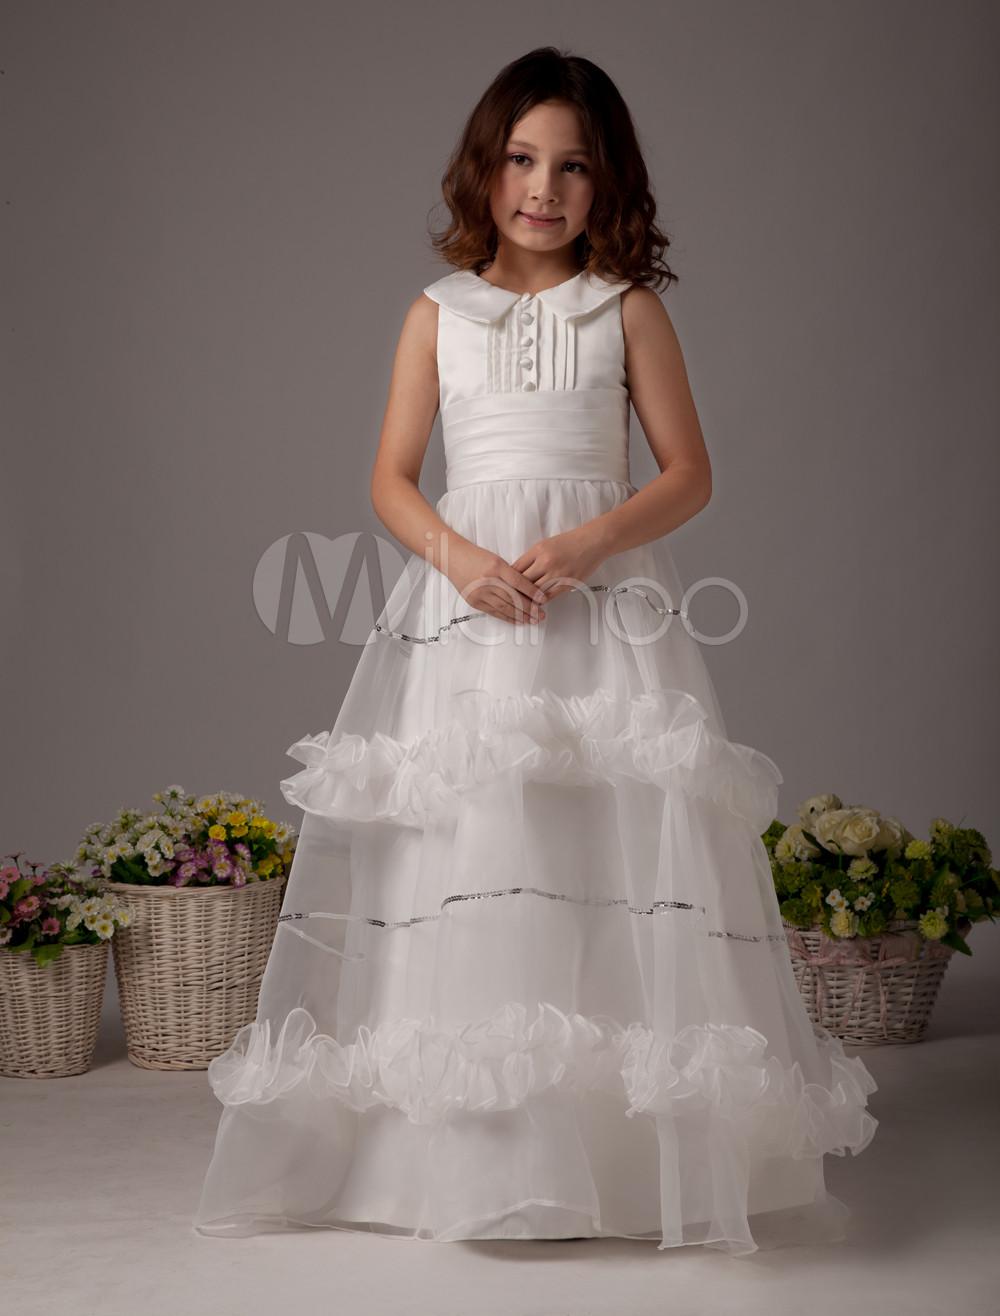 52261906681 ... White Flower Girl Dress Boho Satin Sleeveless Long Dresses For Little  Girls-No.8. 12. 30%OFF. Color  AddThis Sharing Buttons